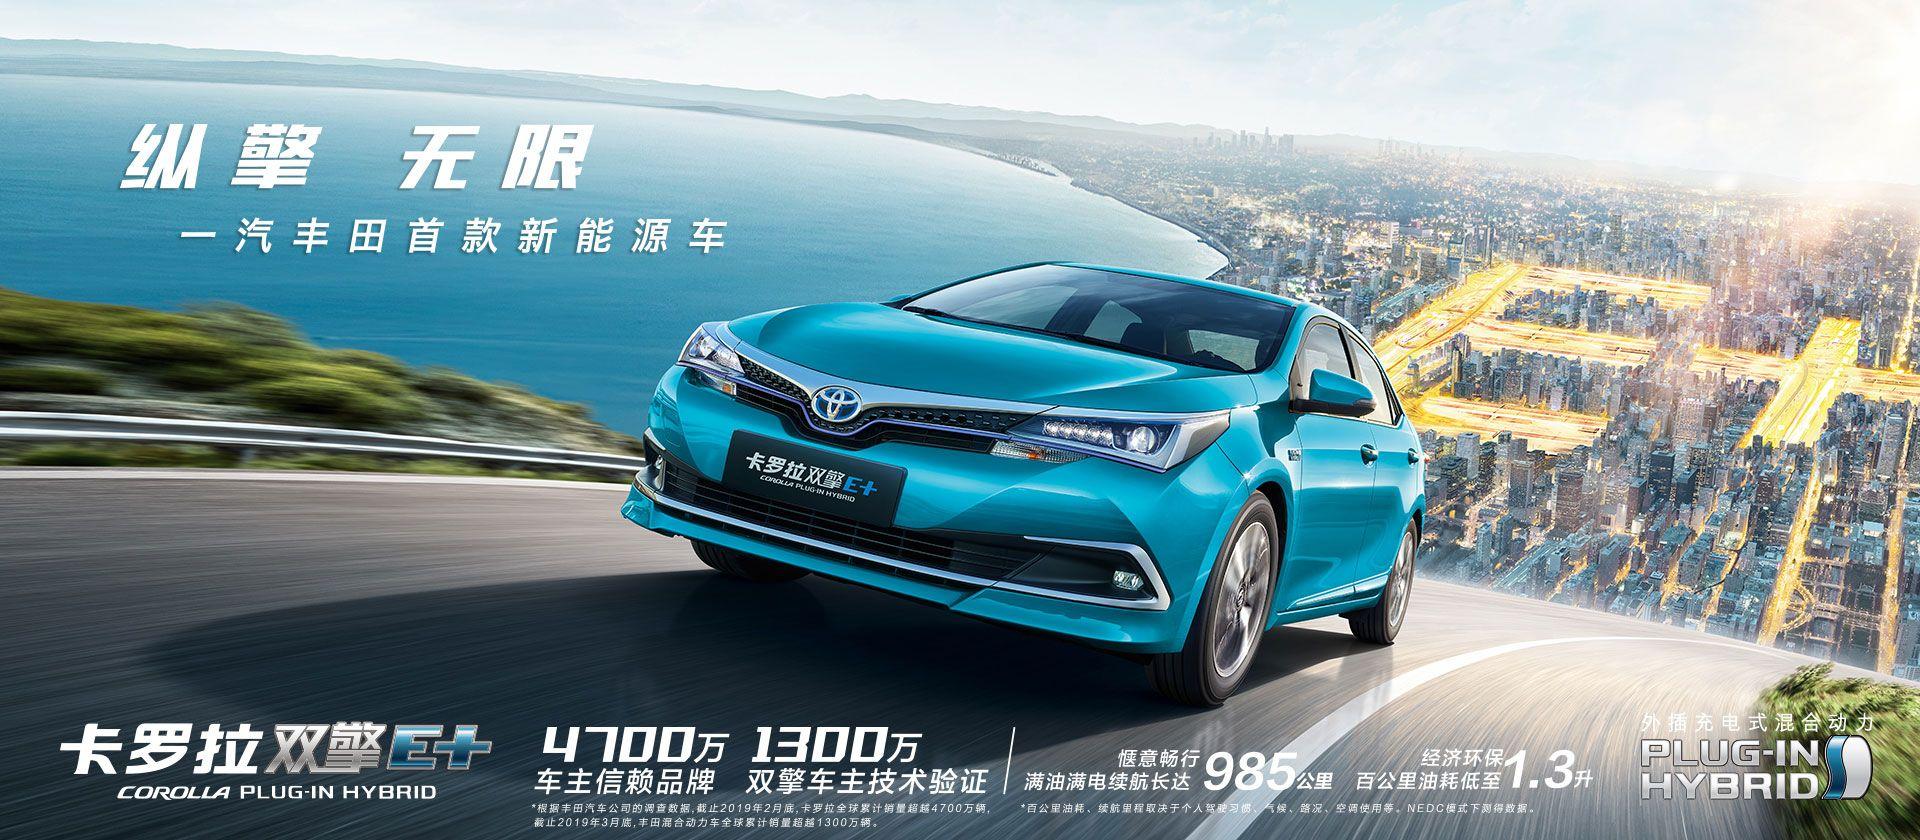 购车预算15万 注重燃油经济性 哪款车值得考虑?(一)